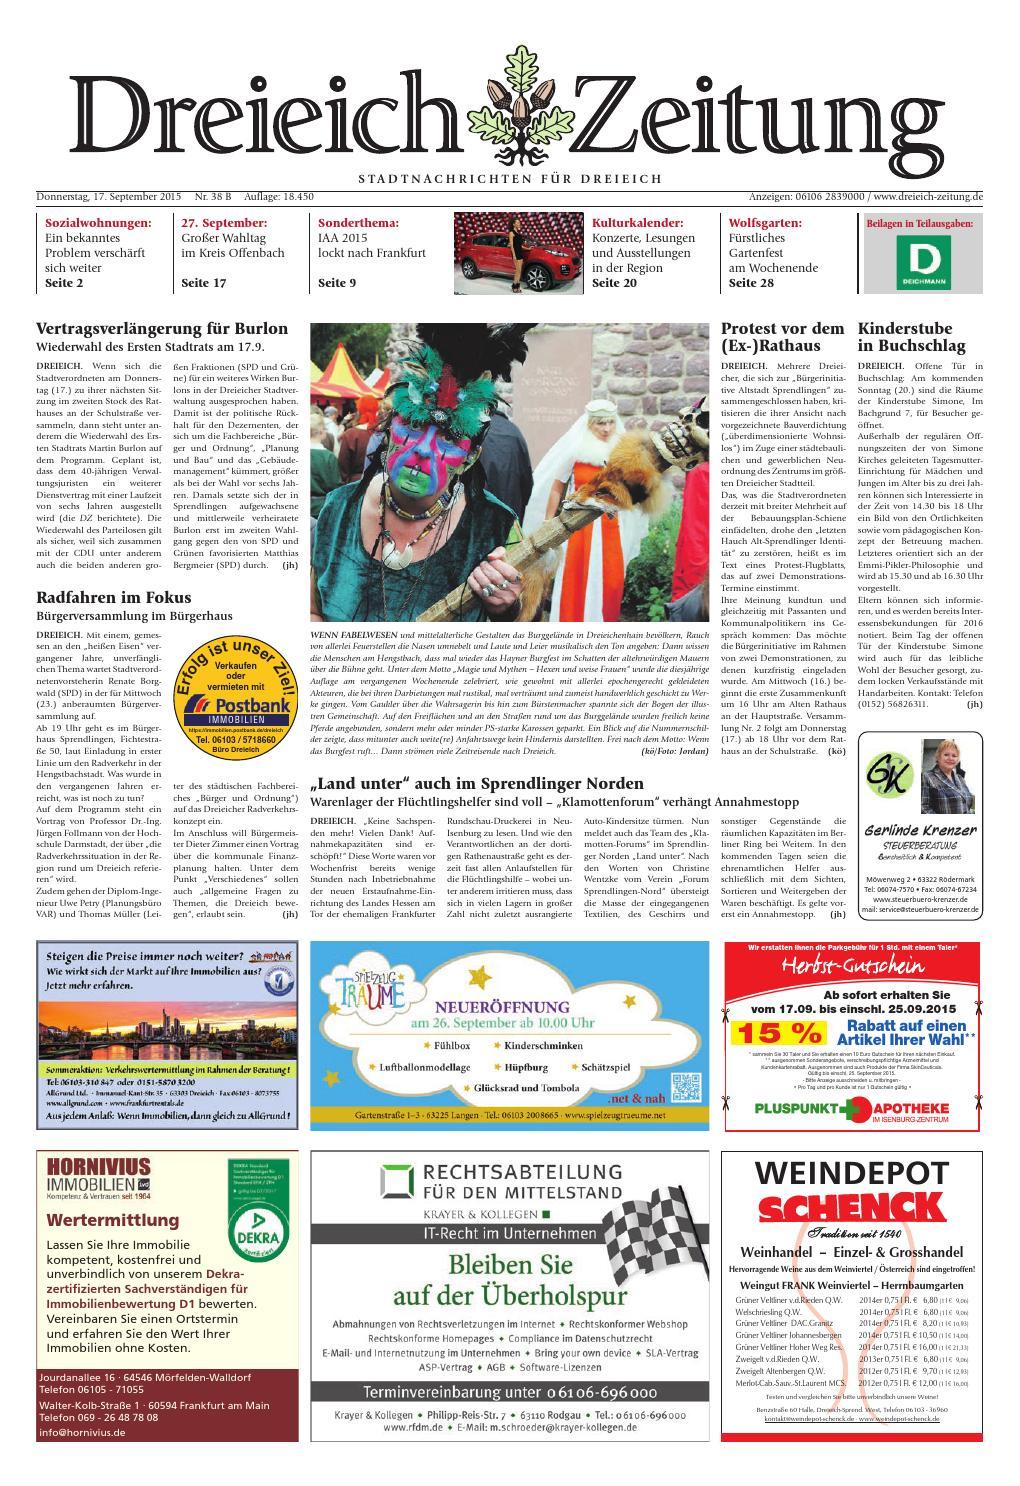 Dz online 038 15 b by Dreieich-Zeitung/Offenbach-Journal - issuu